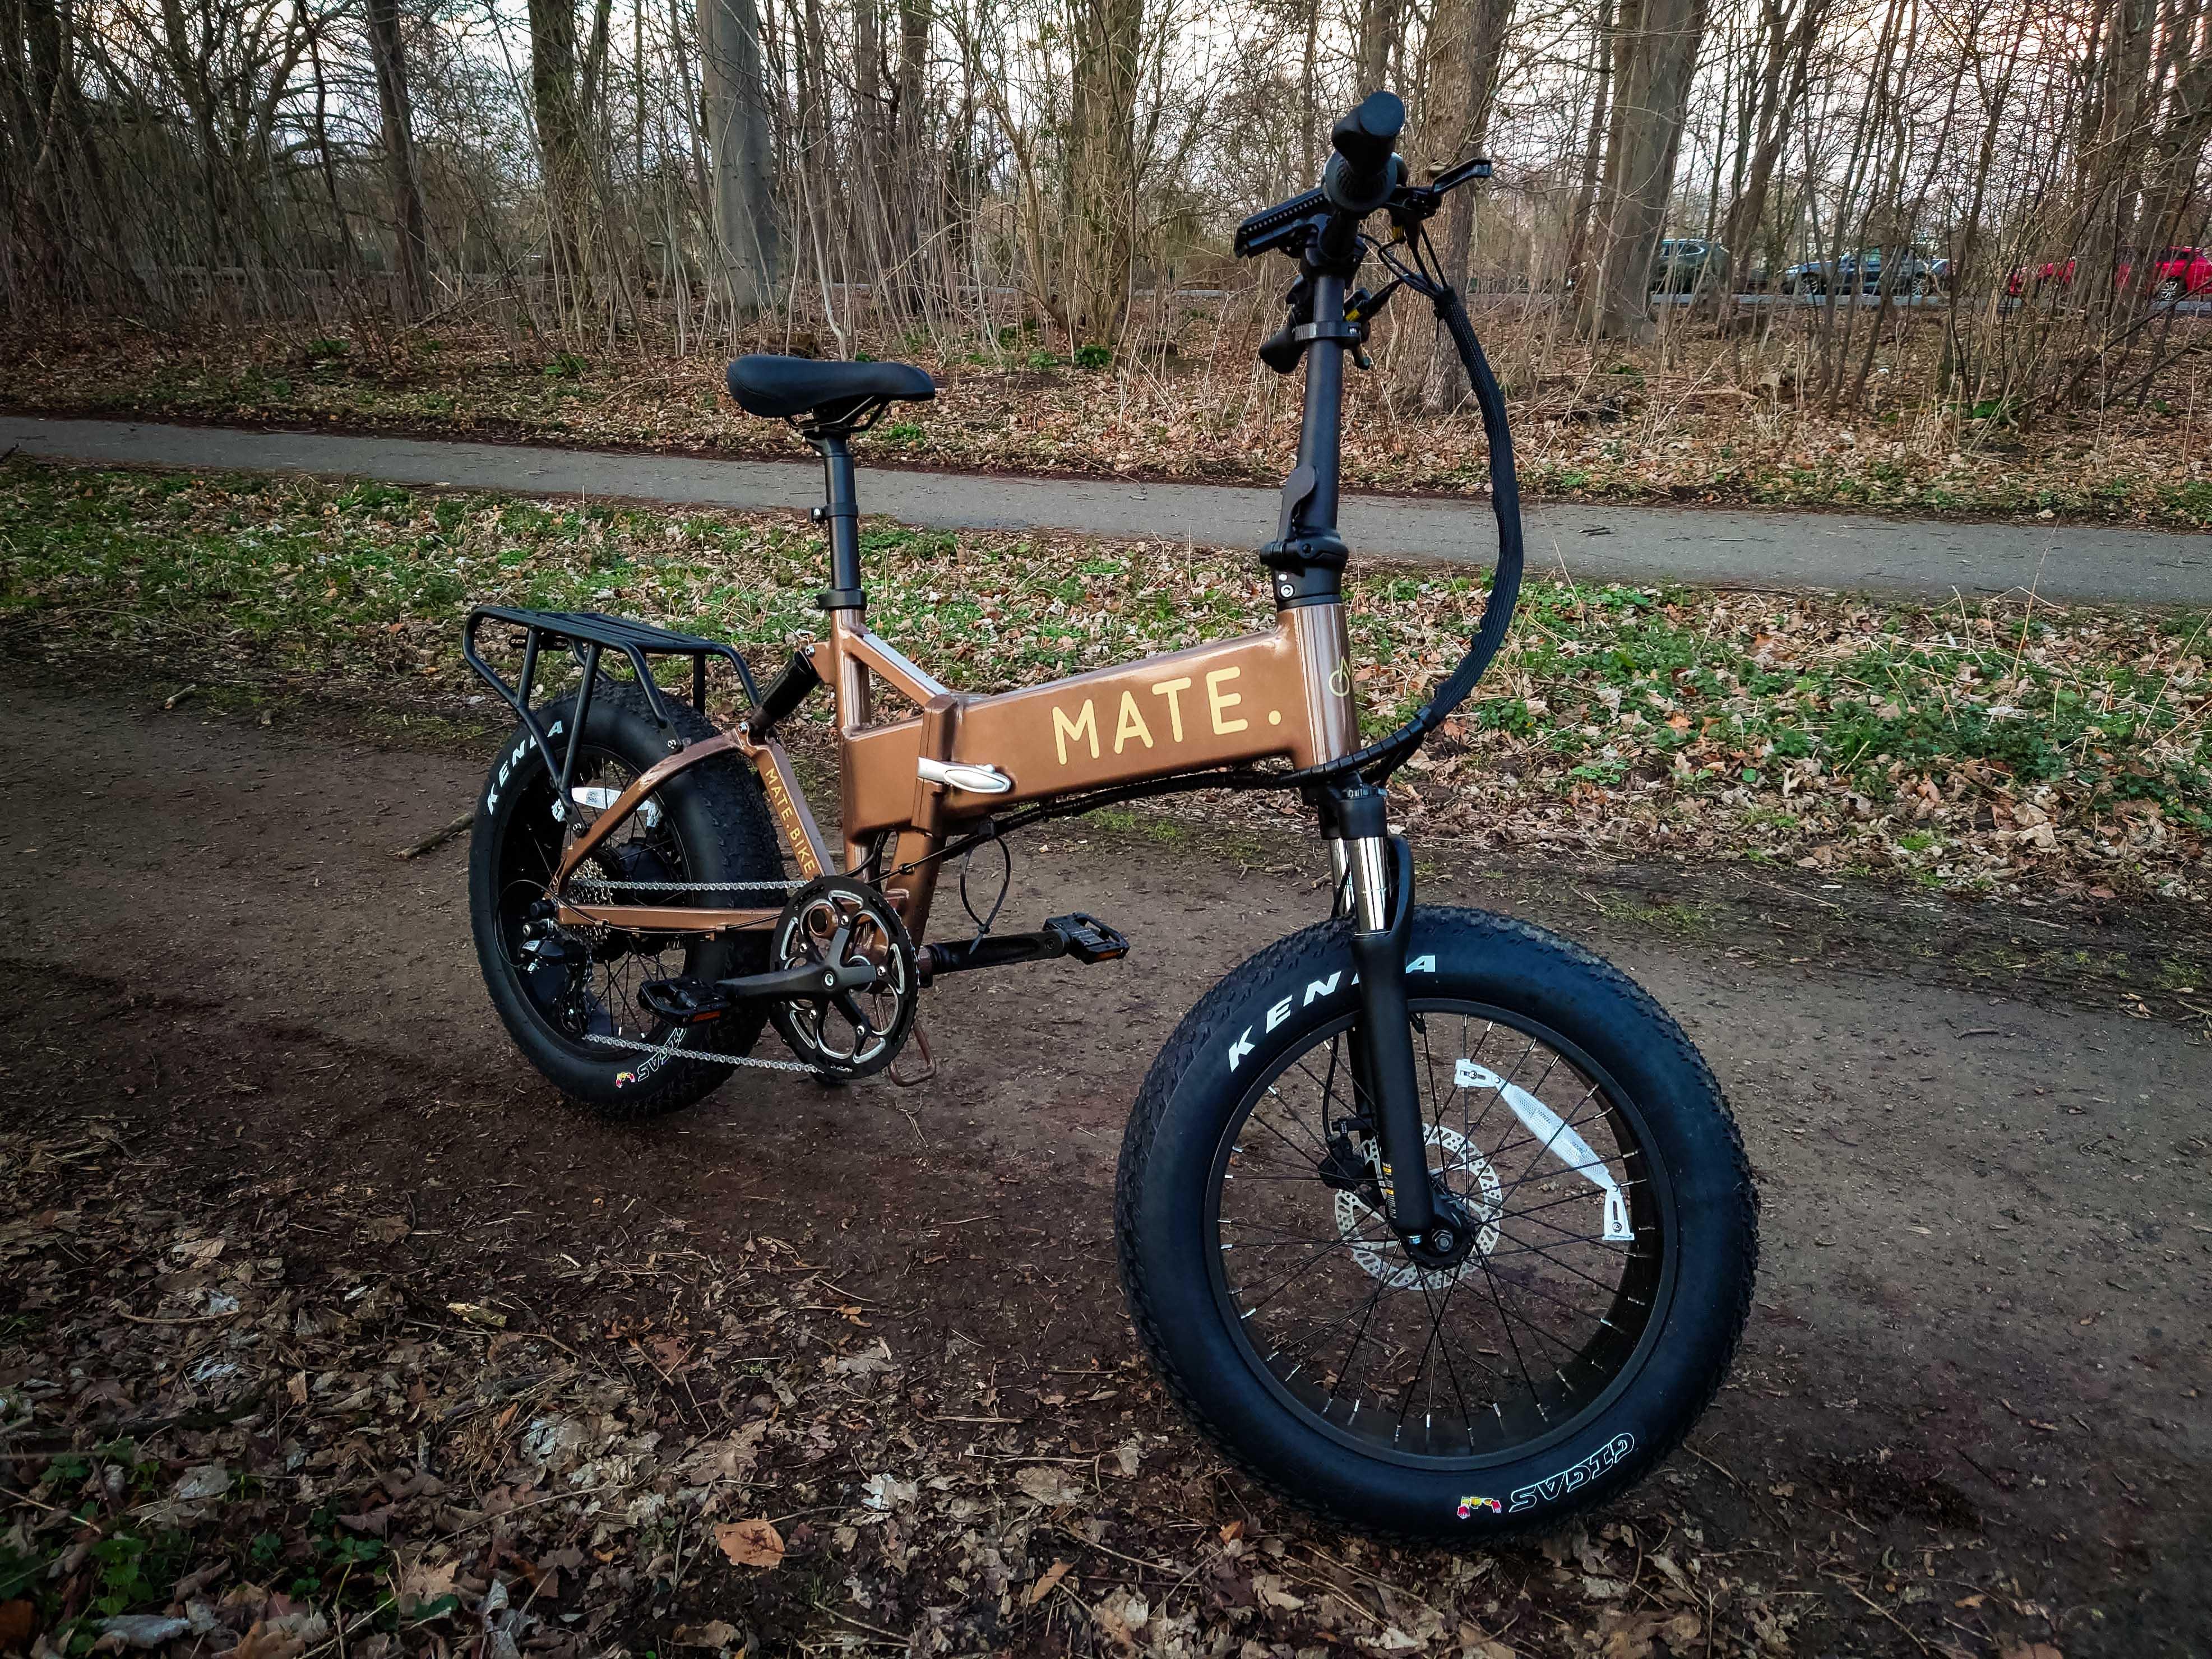 E-Bike zum falten: das Mate.Bike lässt sich zwar zusammenklappen, aber nur schwer heben und tragen.